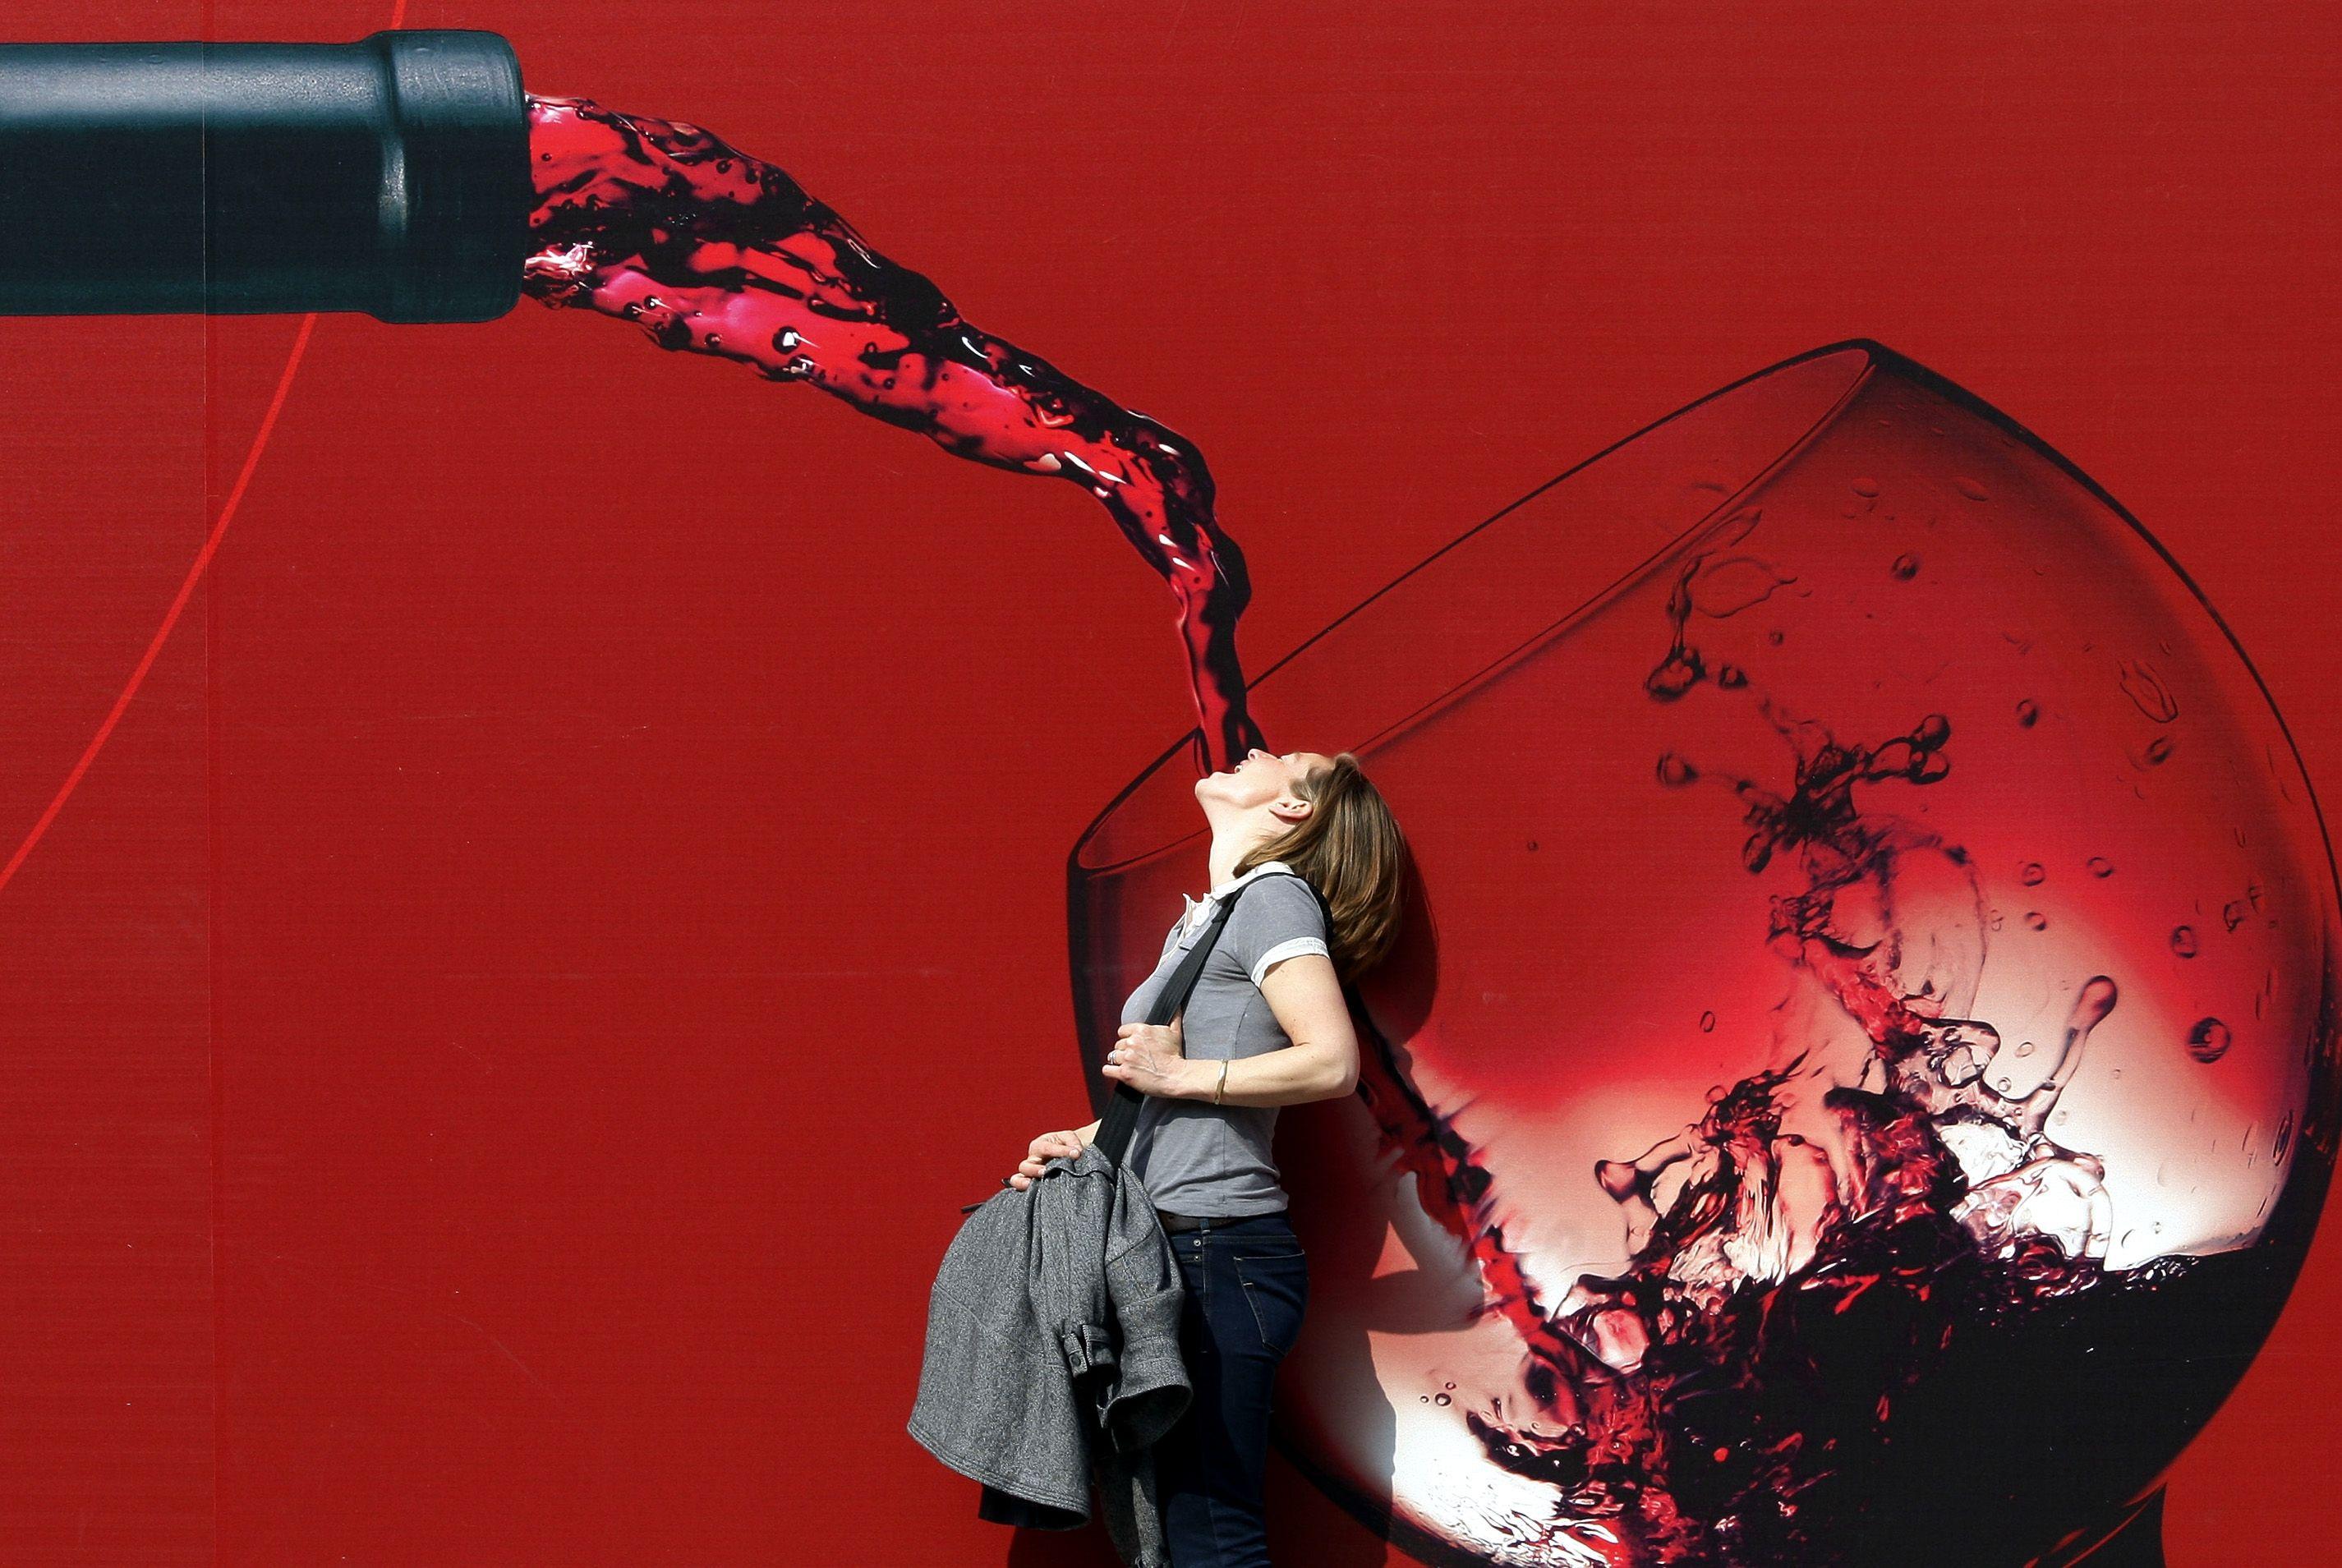 Responsable de 10% des décès chaque année: toutes les manières dont l'alcool tue